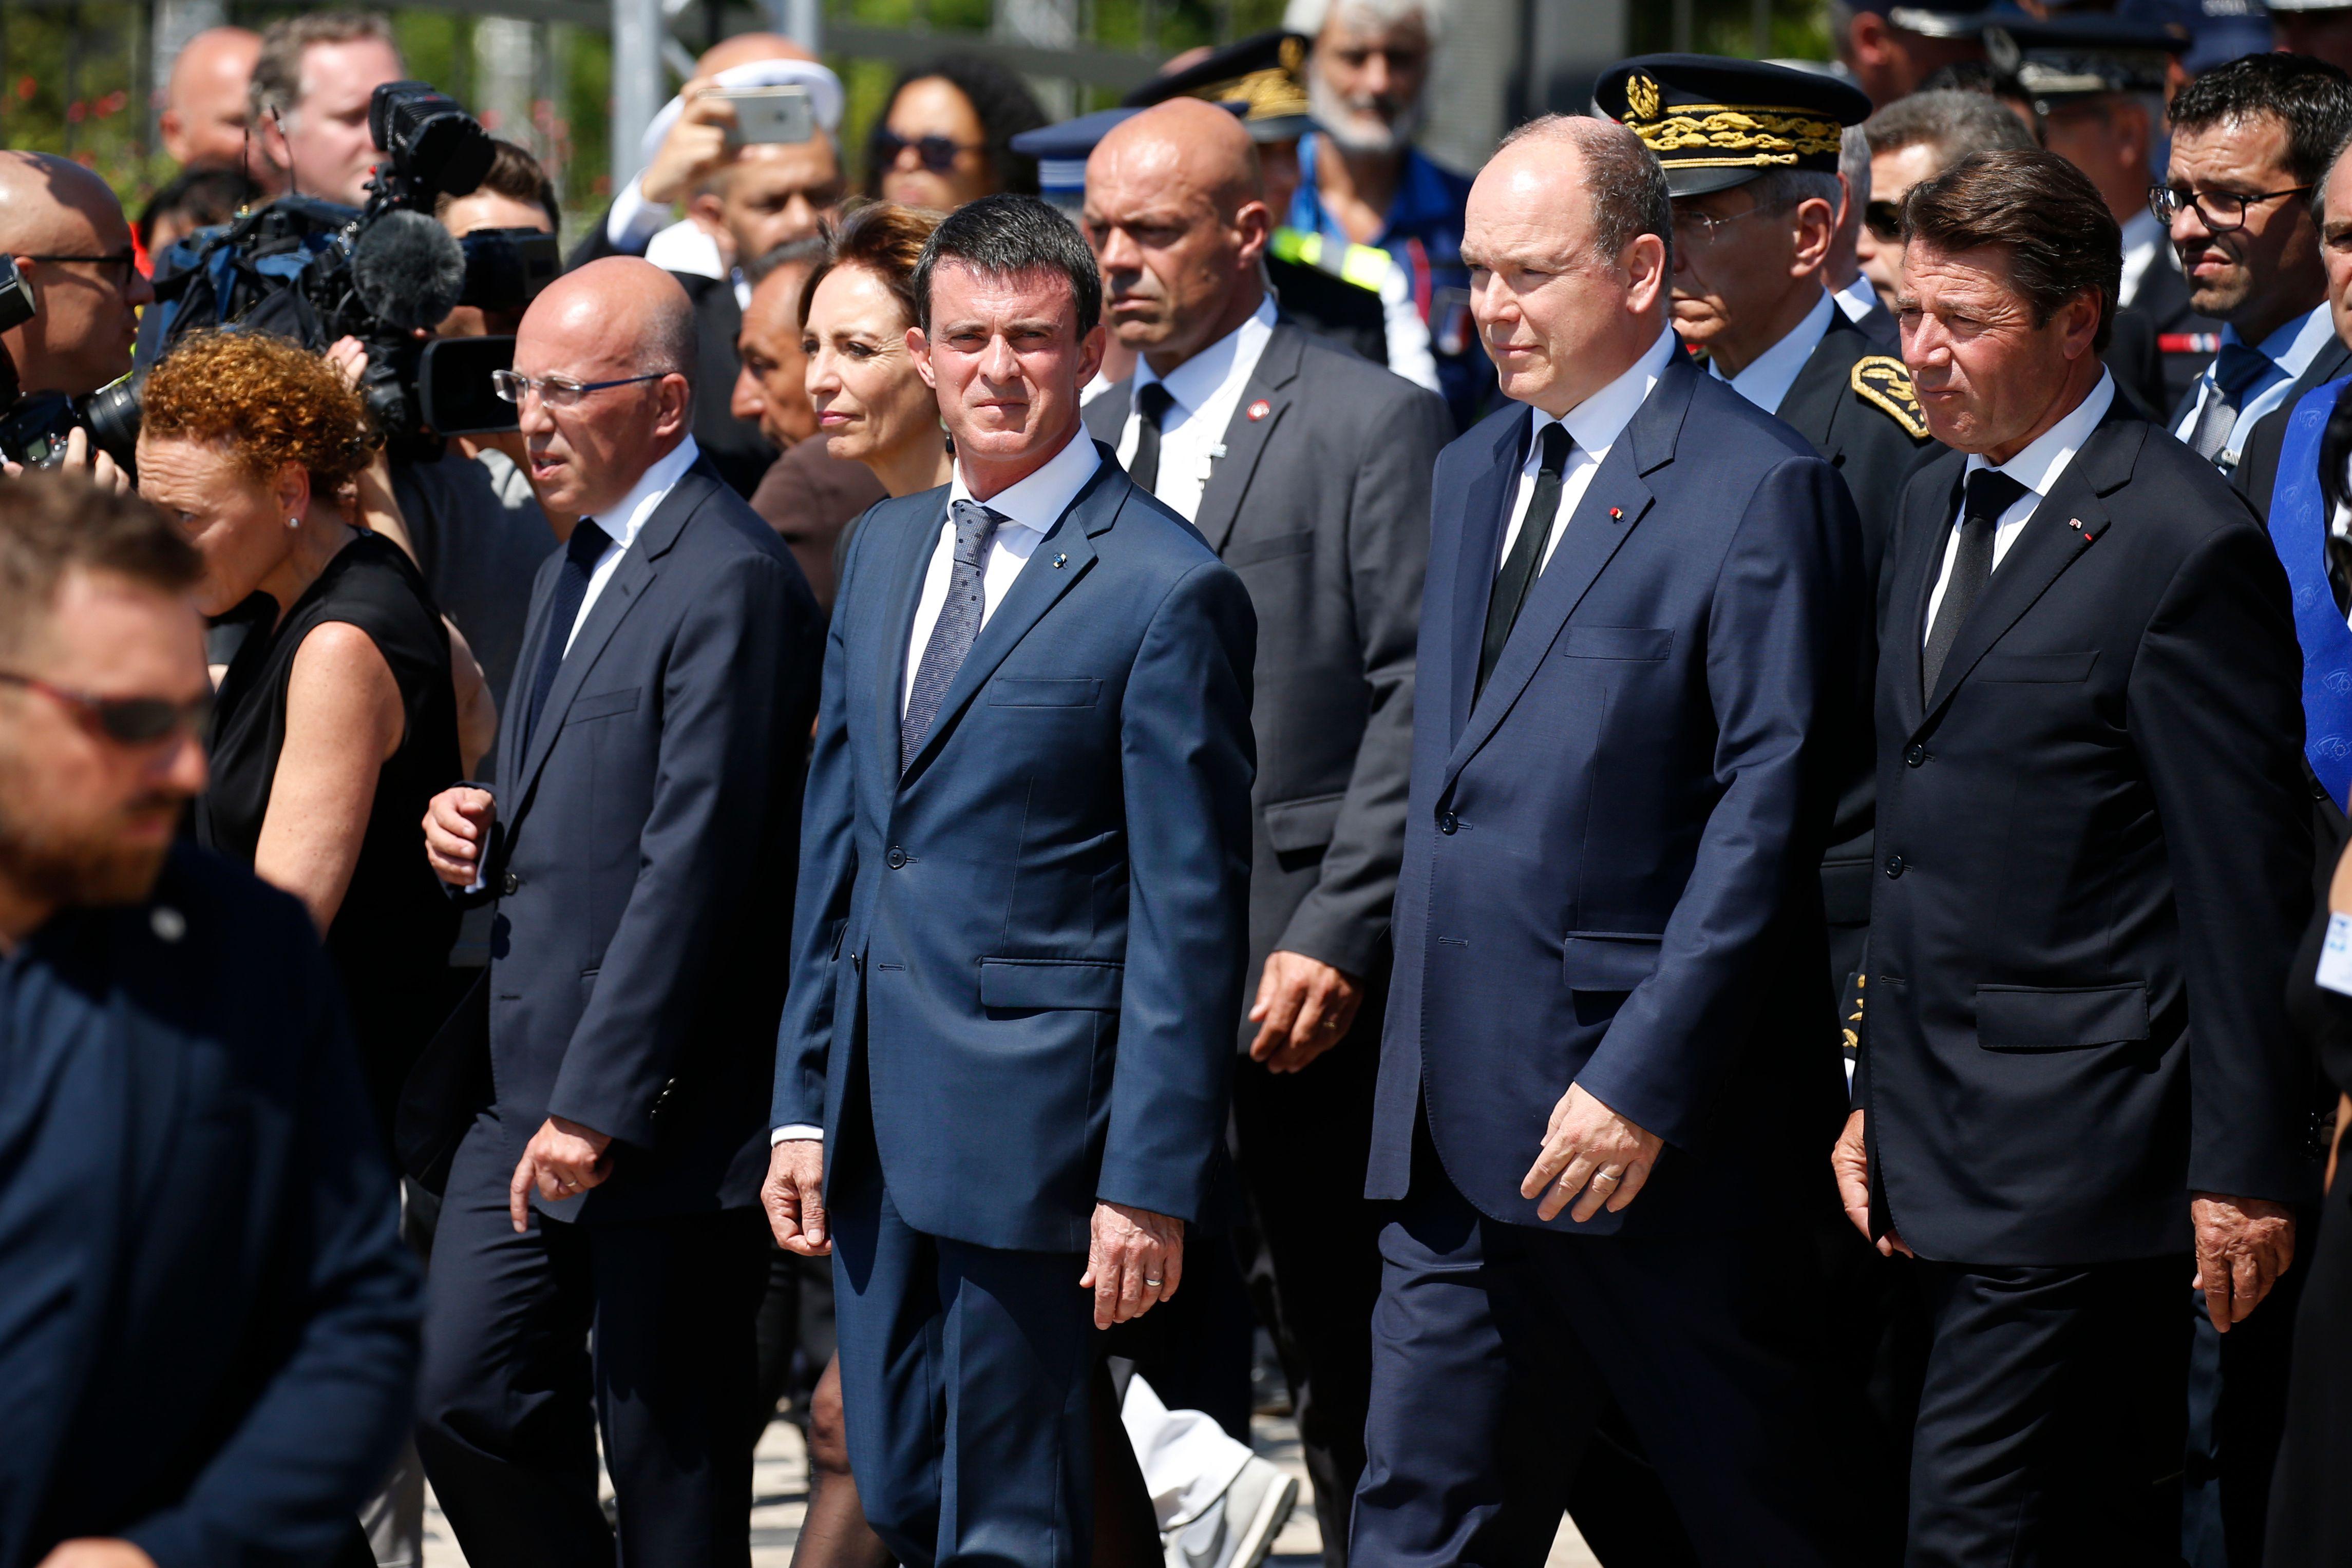 Eric Ciotti, président LR du conseil général des Alpes- Maritimes, Manuel Valls, le Prince Albert II de Monaco et le président LR de la région PACA Christian Estrosi à Nice pour une minute de silence suite à l'attentat du 14 juillet, le 18 Juillet 2016.